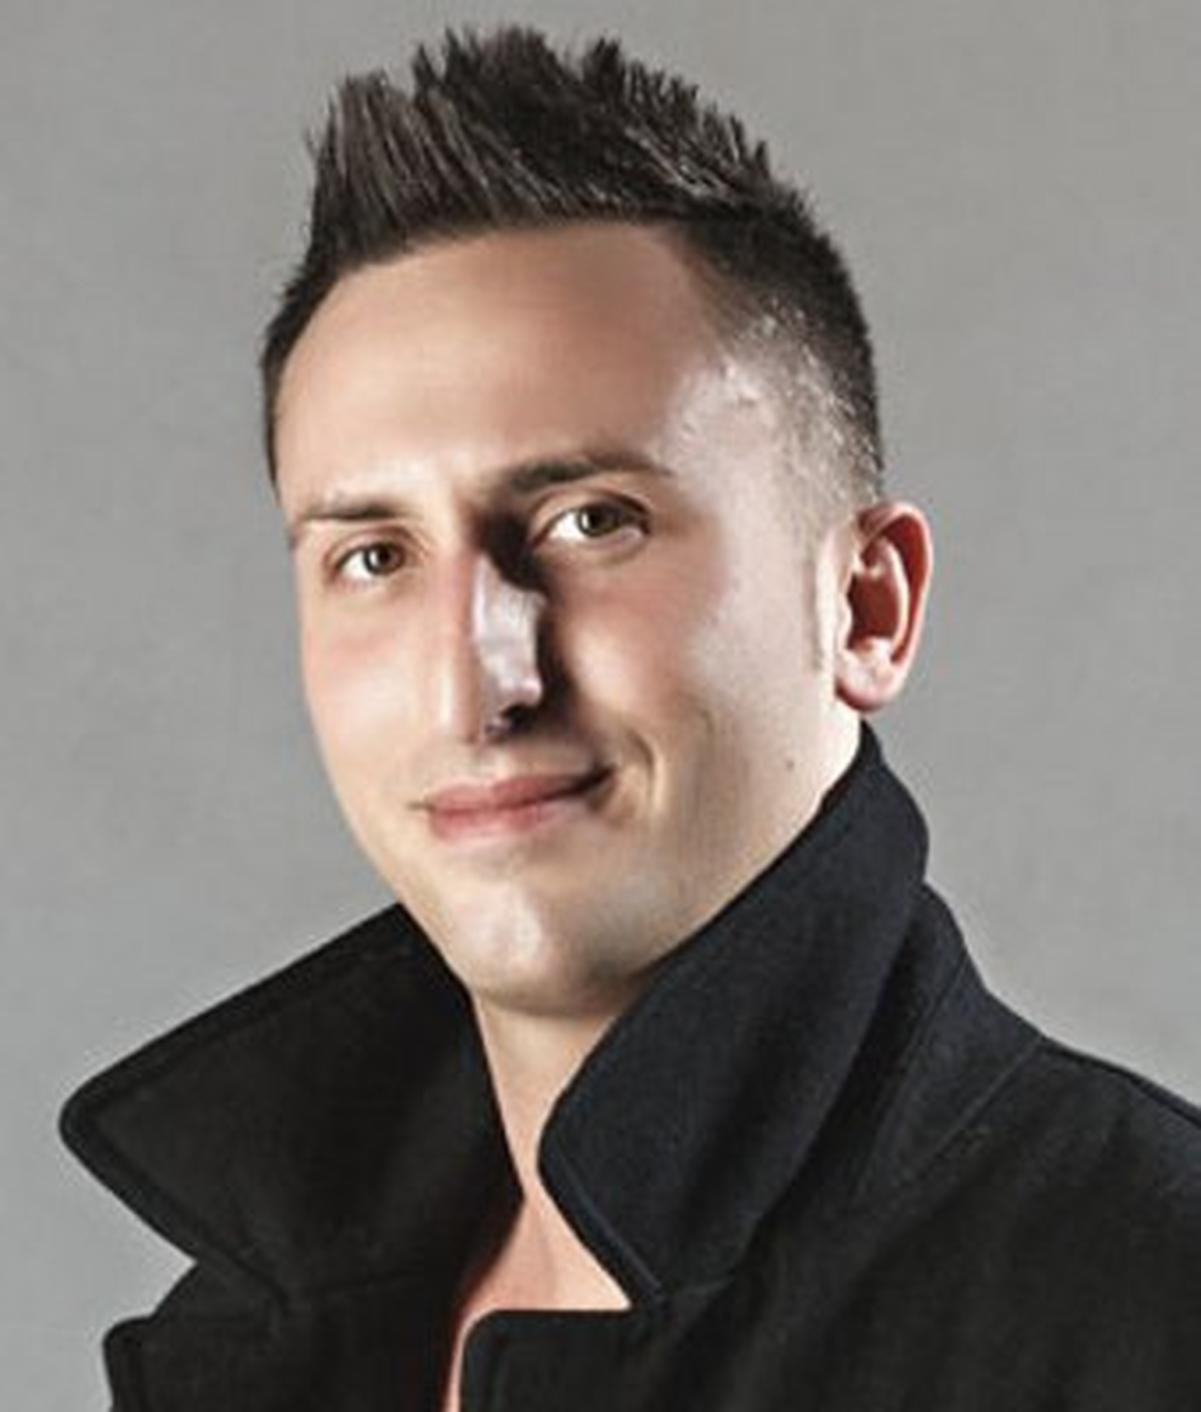 Ike Diezel